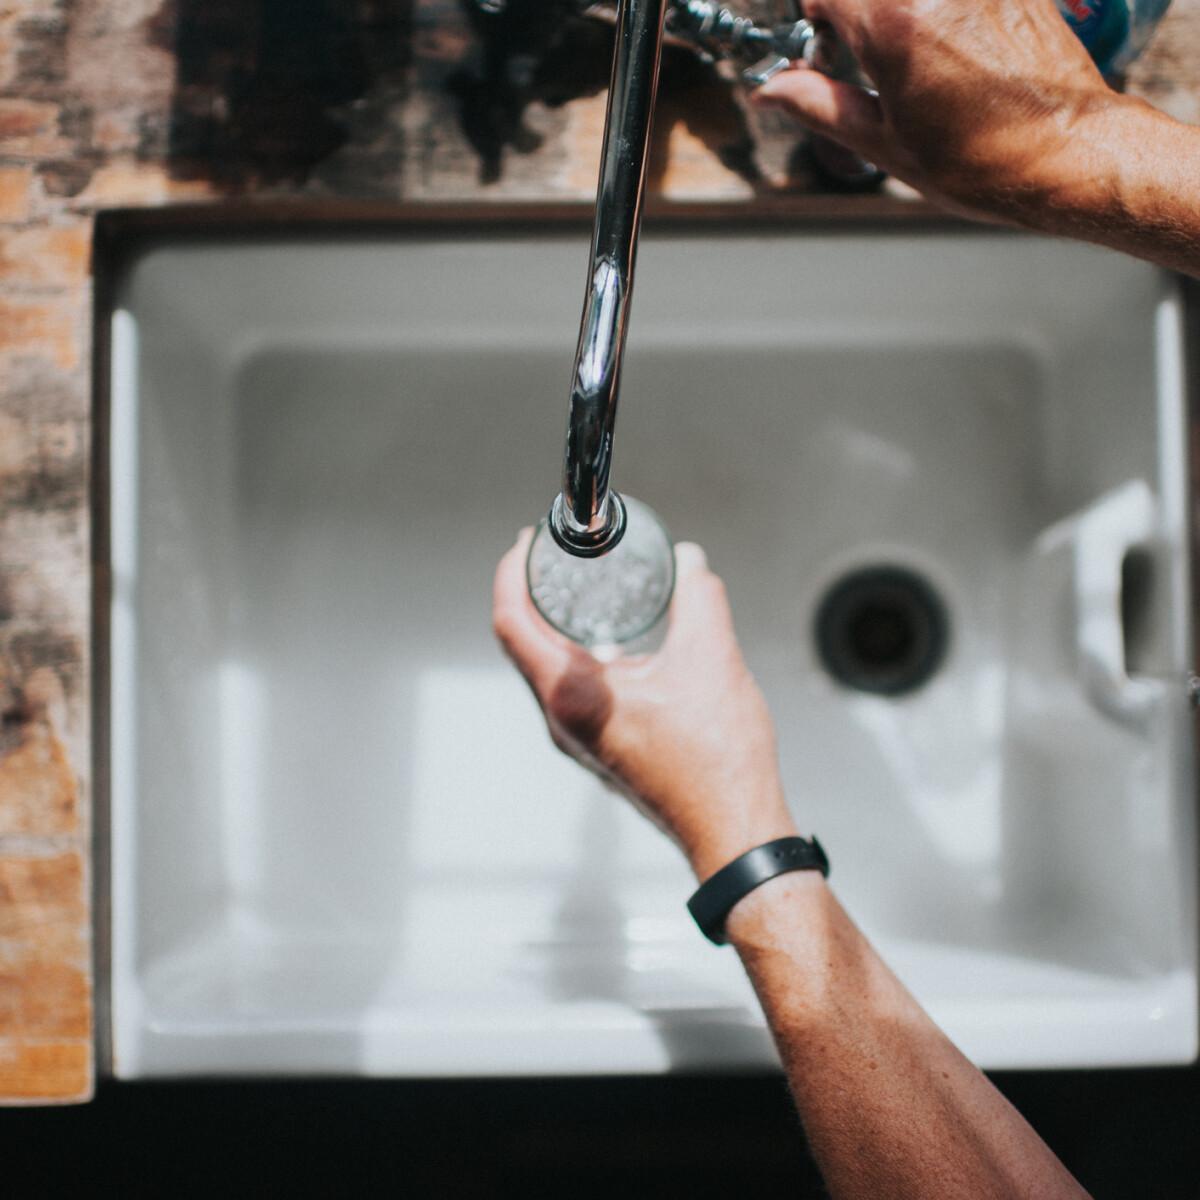 Nem csak a kiszáradás fenyeget, ha nem iszol elég vizet